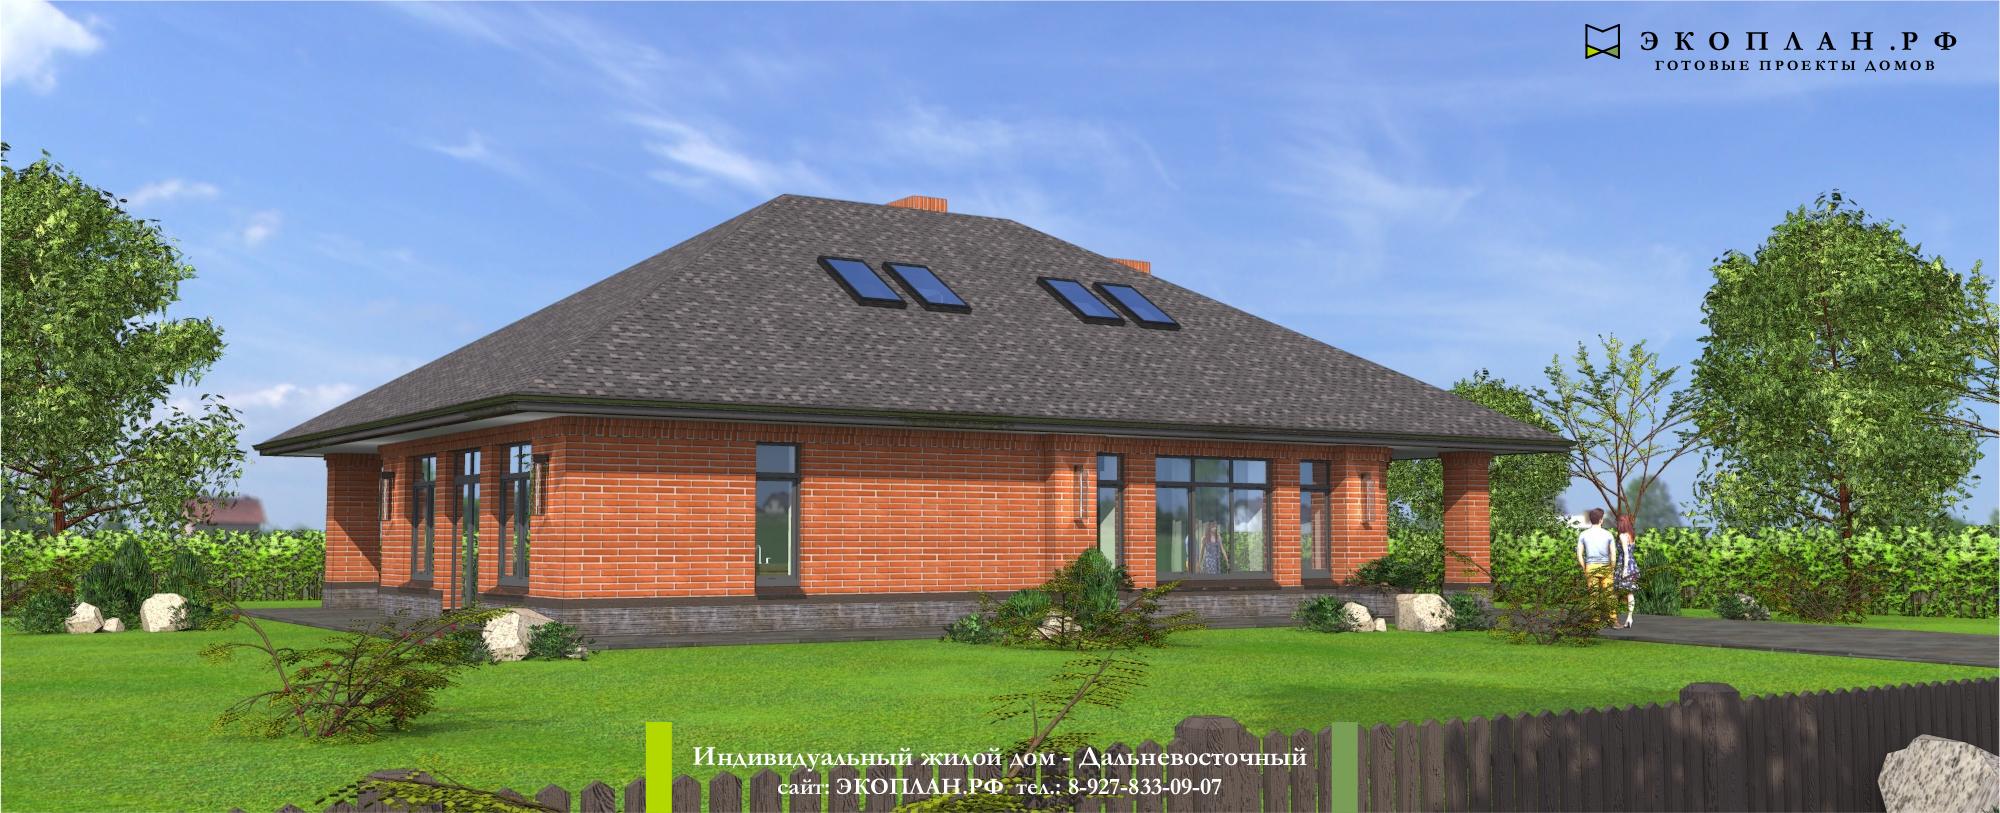 Готовый проект дома - Дальневосточный - Ульяновск фасад